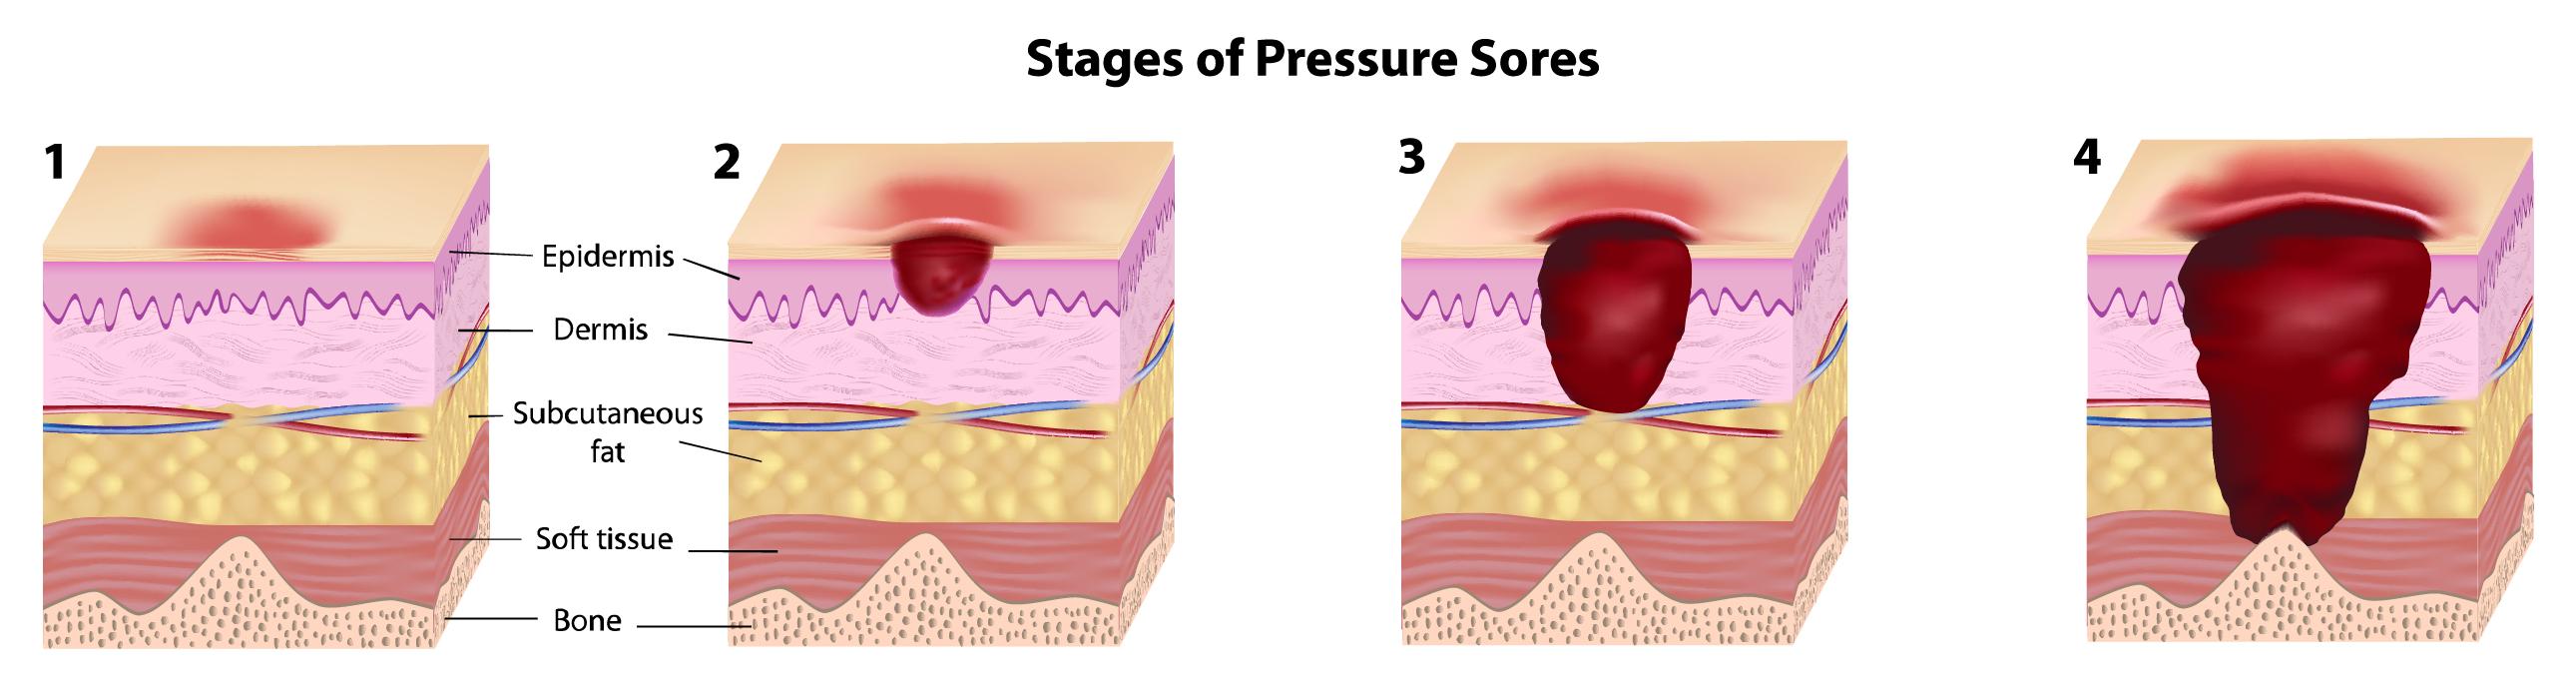 4 Stages of Pressure Injuries